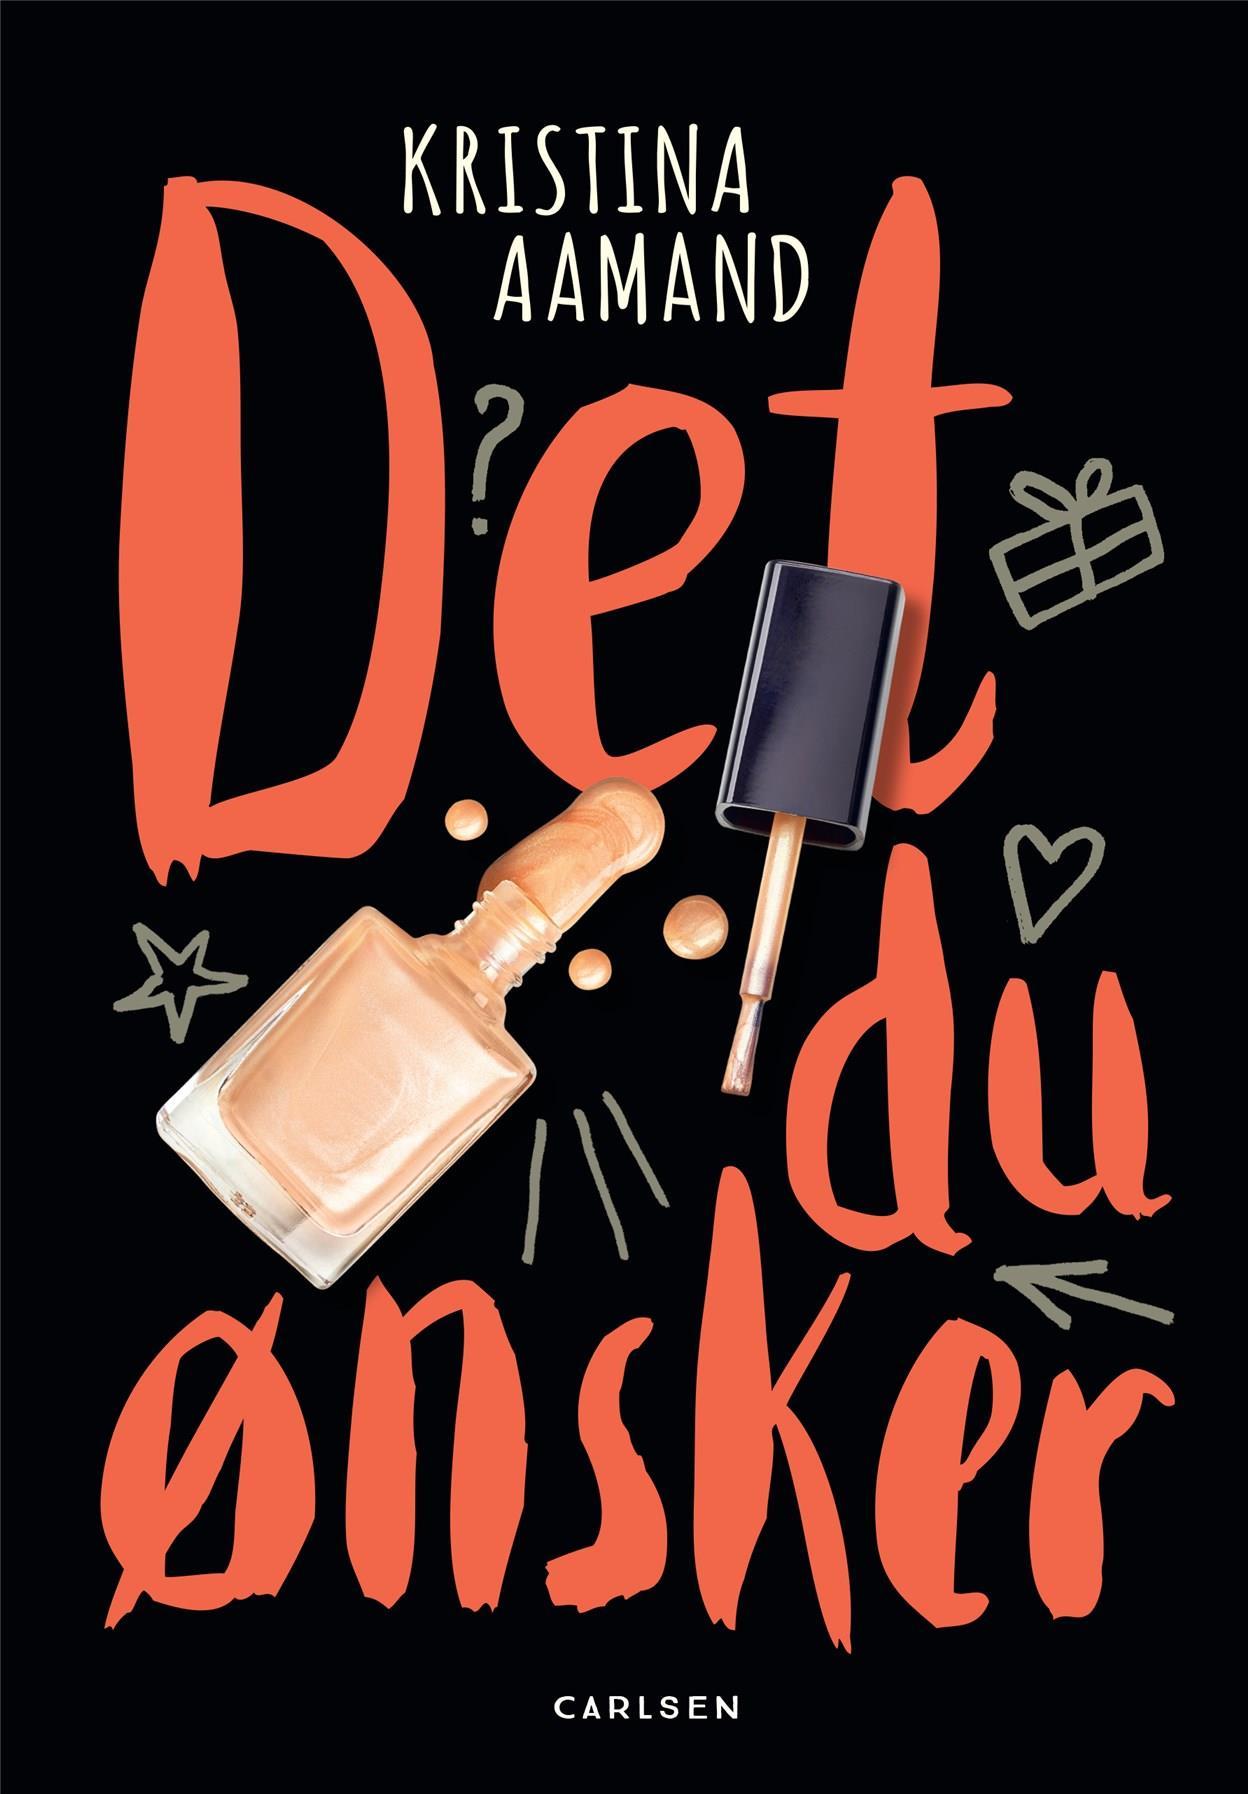 Hjerte af pap (2) - Det du ønsker - Kristina Aamand - Bøger - CARLSEN - 9788711698181 - 22/1-2019